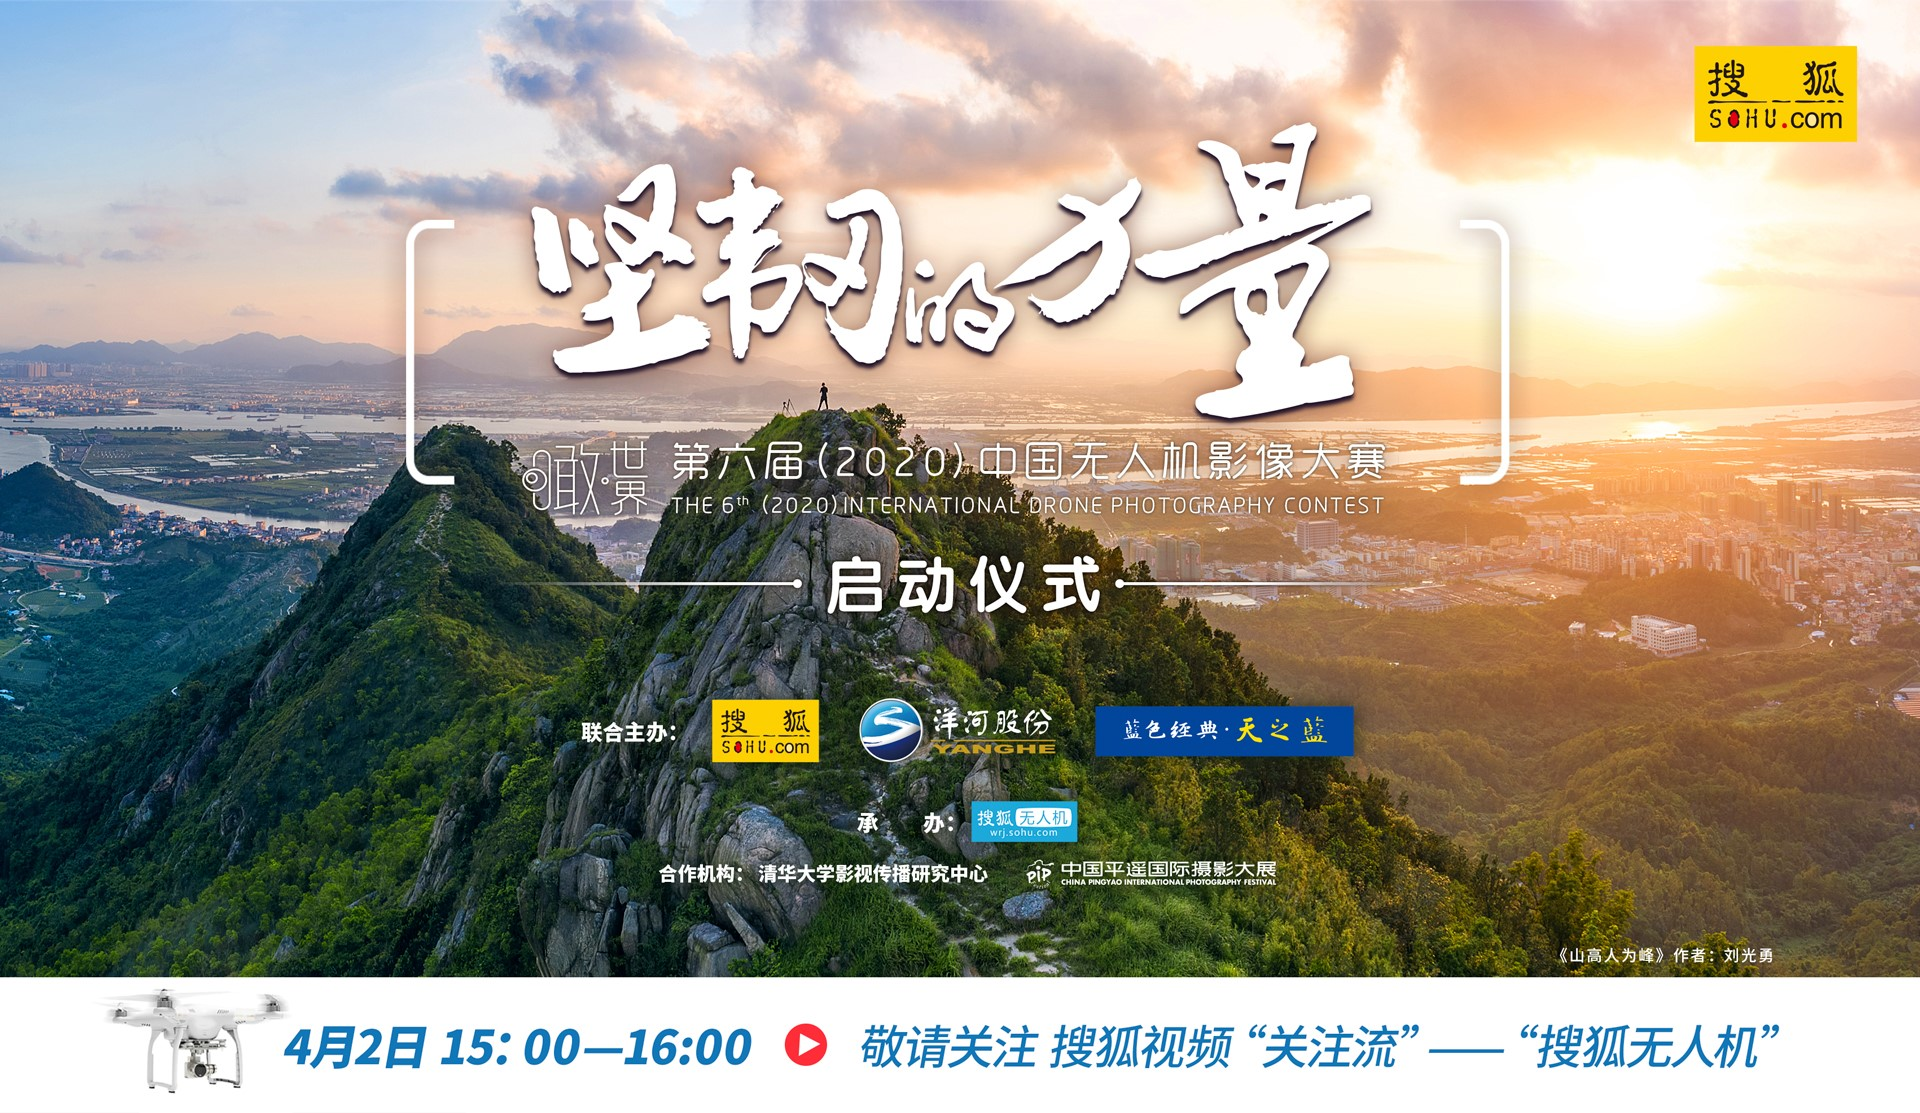 瞰世界-第六届(2020)中国无人机影像大赛官方宣传片发布